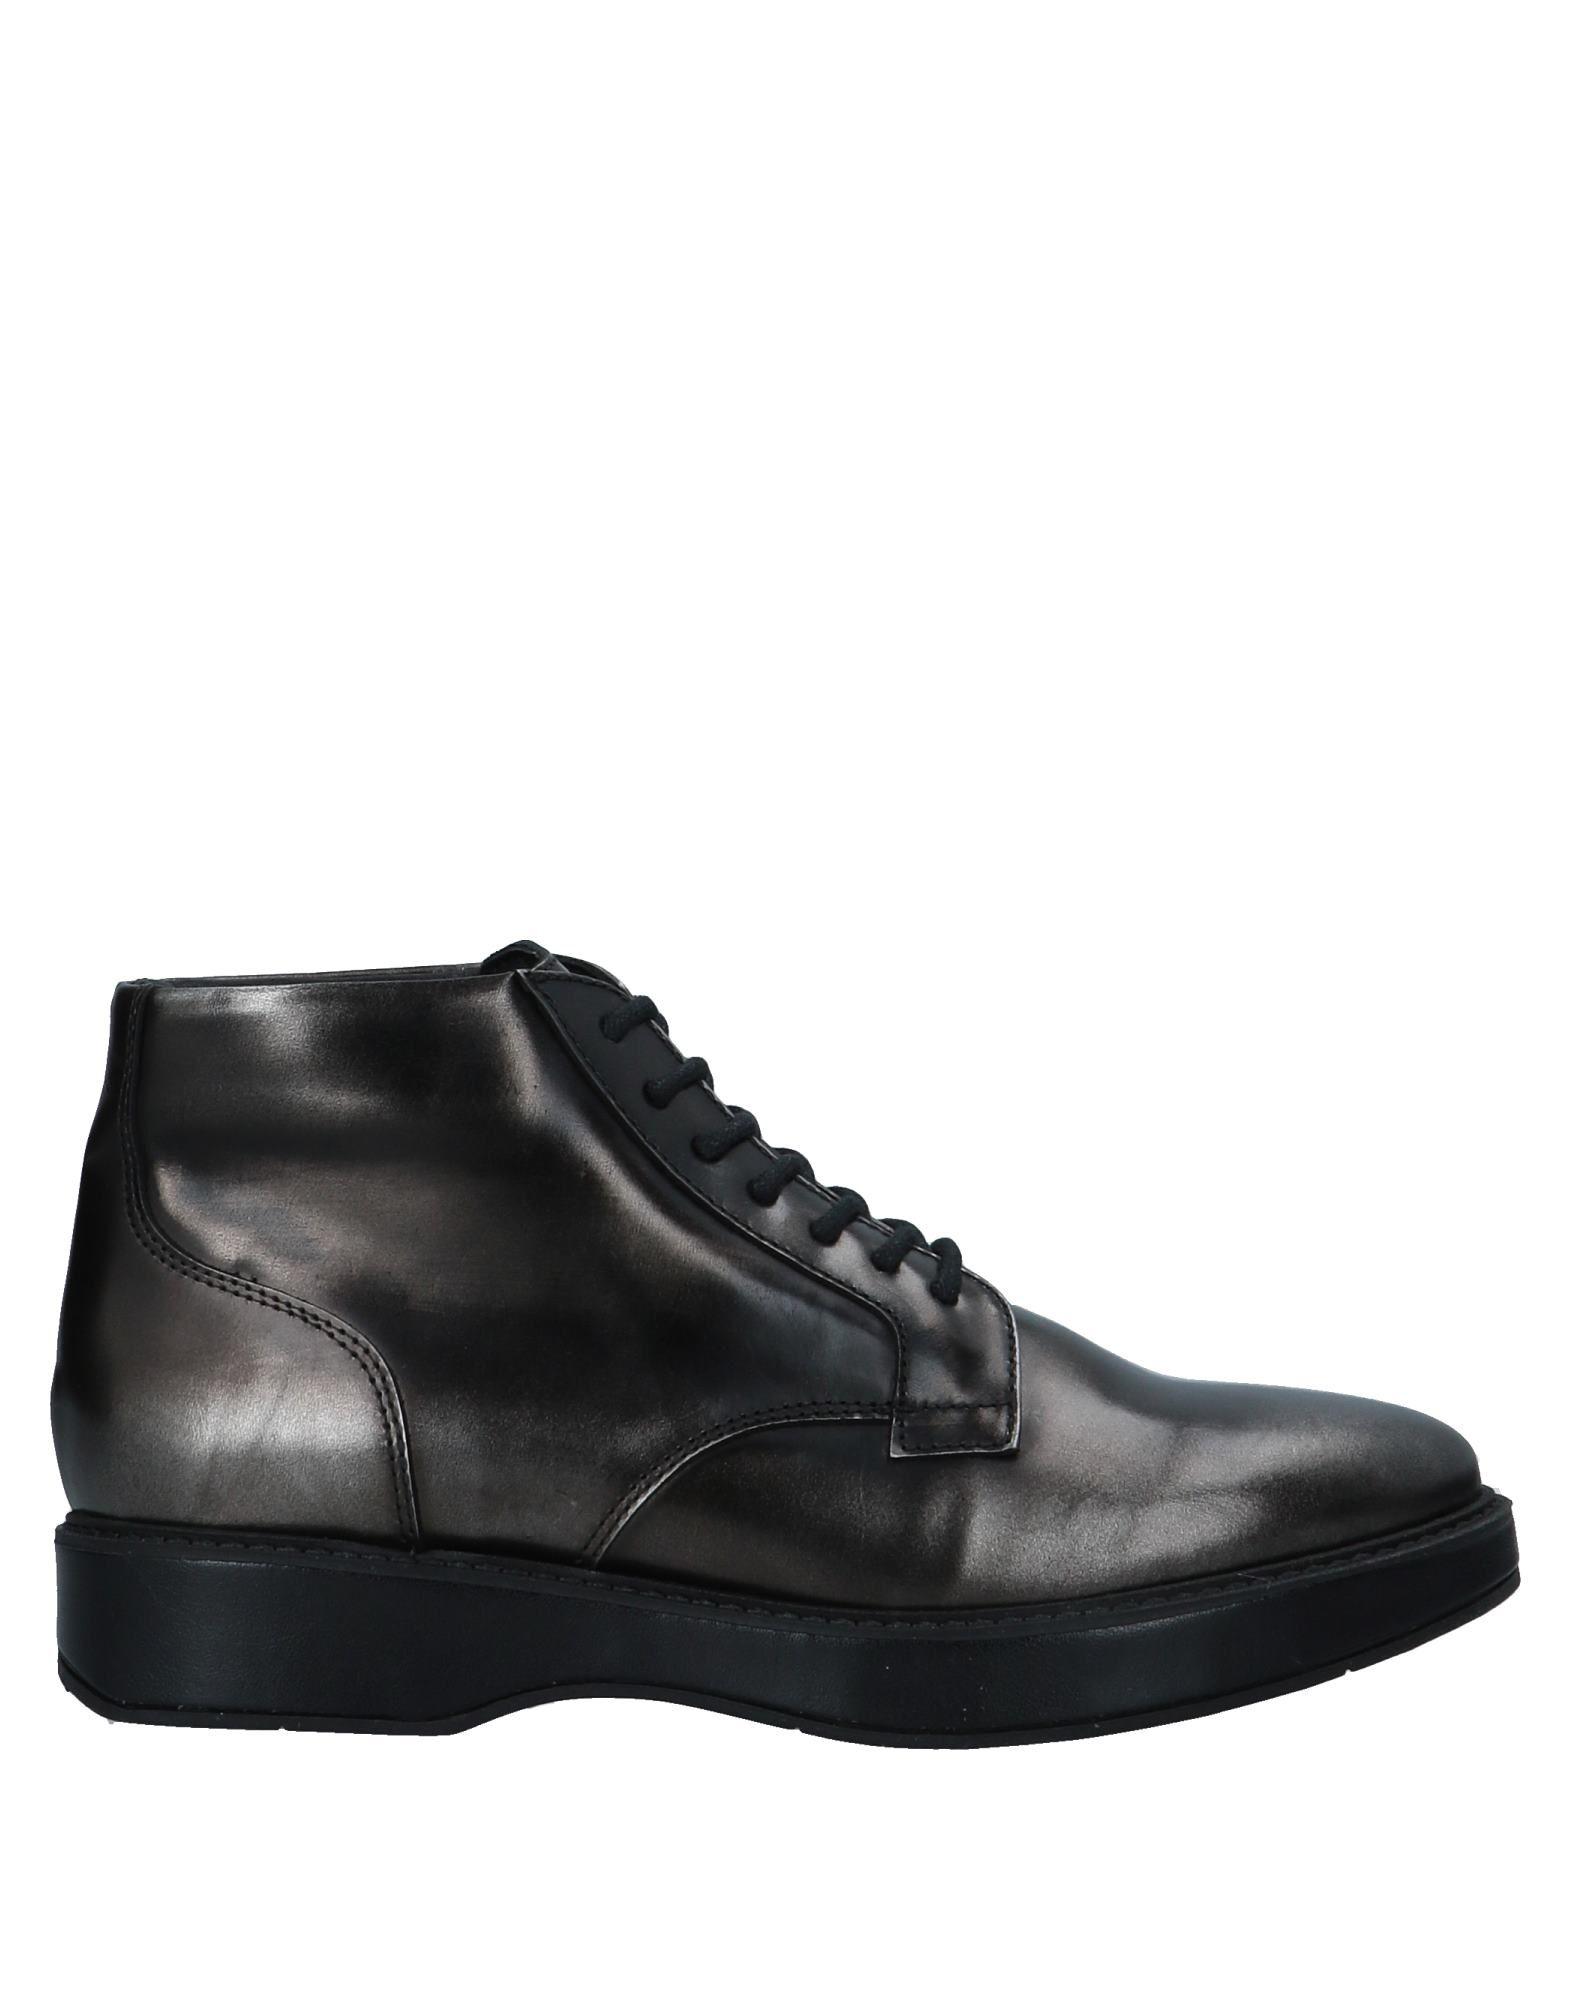 EMO Обувь на шнурках первый внутри обувь обувь обувь обувь обувь обувь обувь обувь обувь 8a2549 мужская армия green 40 метров